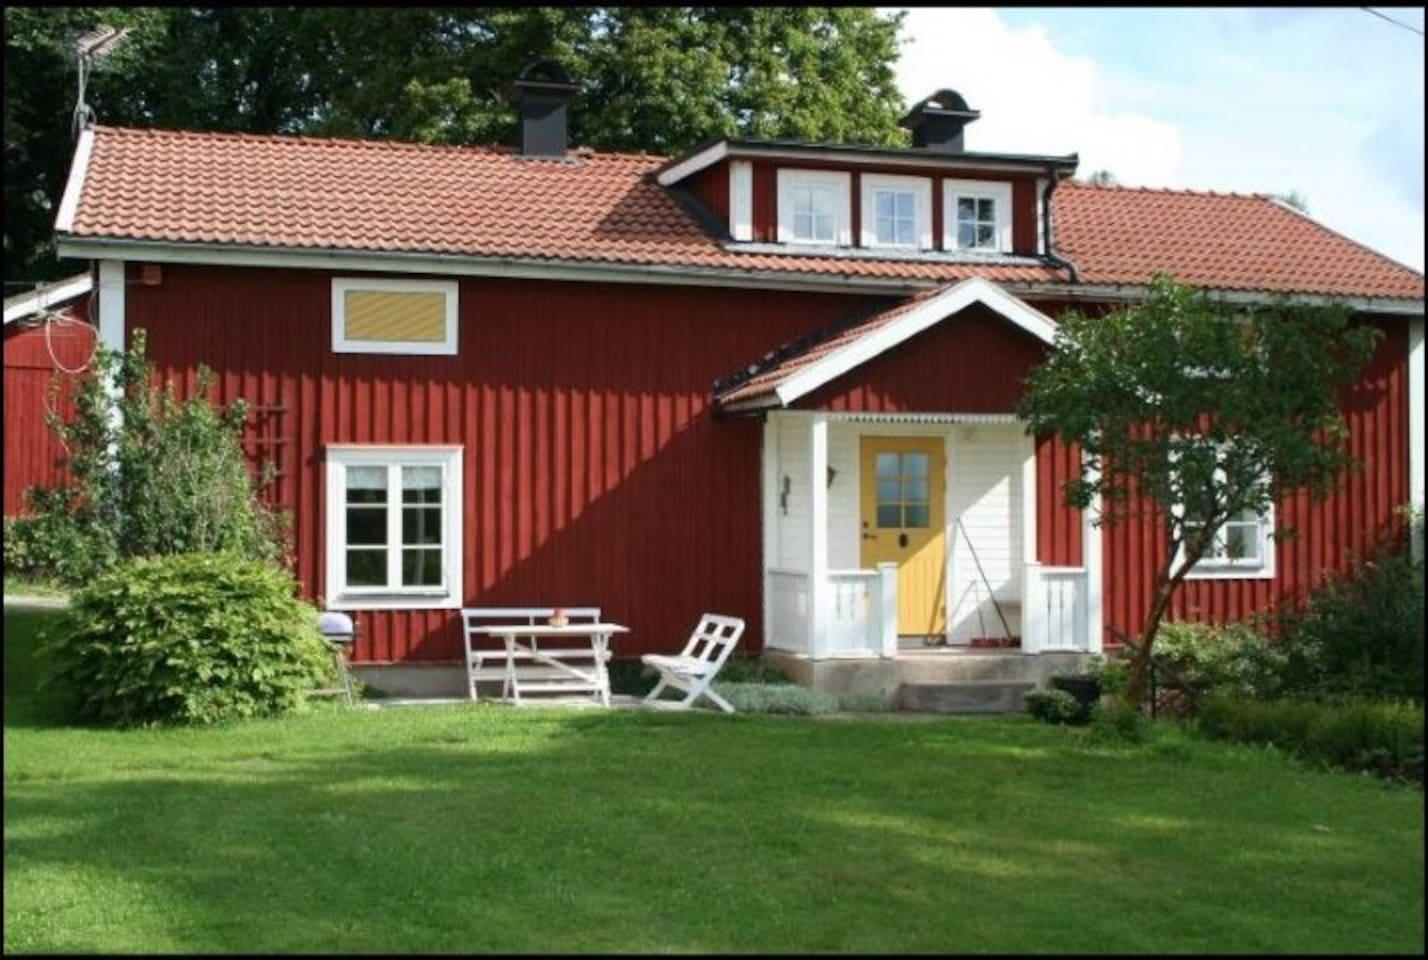 Huset sett från trädgården. Med solig uteplats  med grill.  The house seen from the garden.